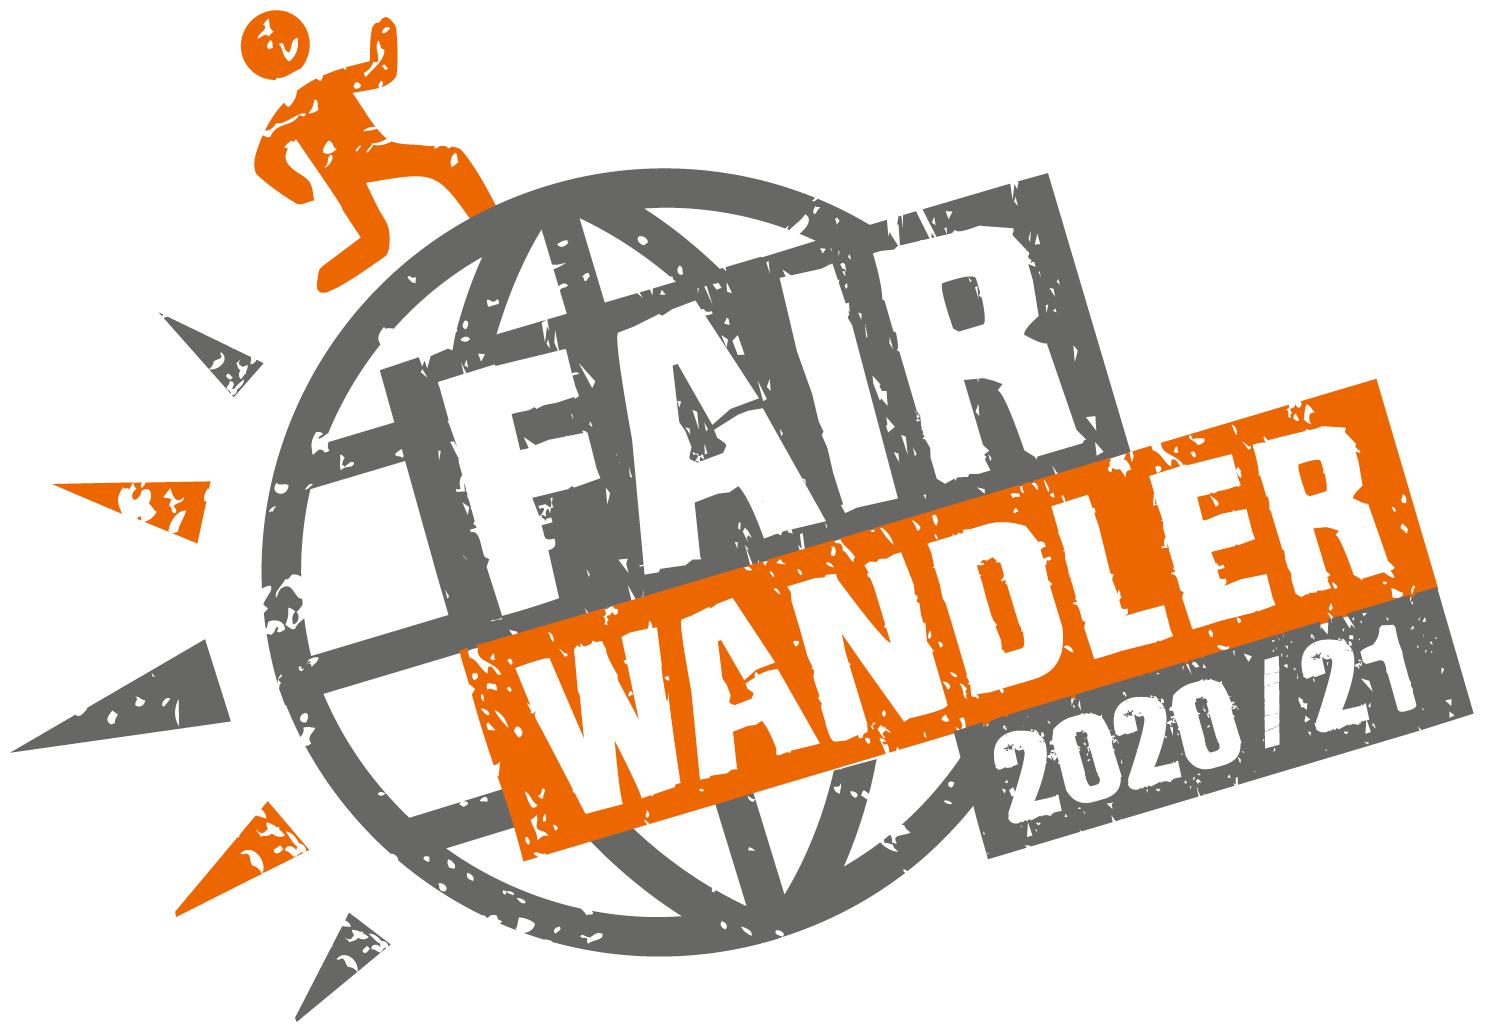 Logo FAIRWANDLER-Preis 2020/21. Quelle: Karl Kübel Stiftung für Kind und Familie